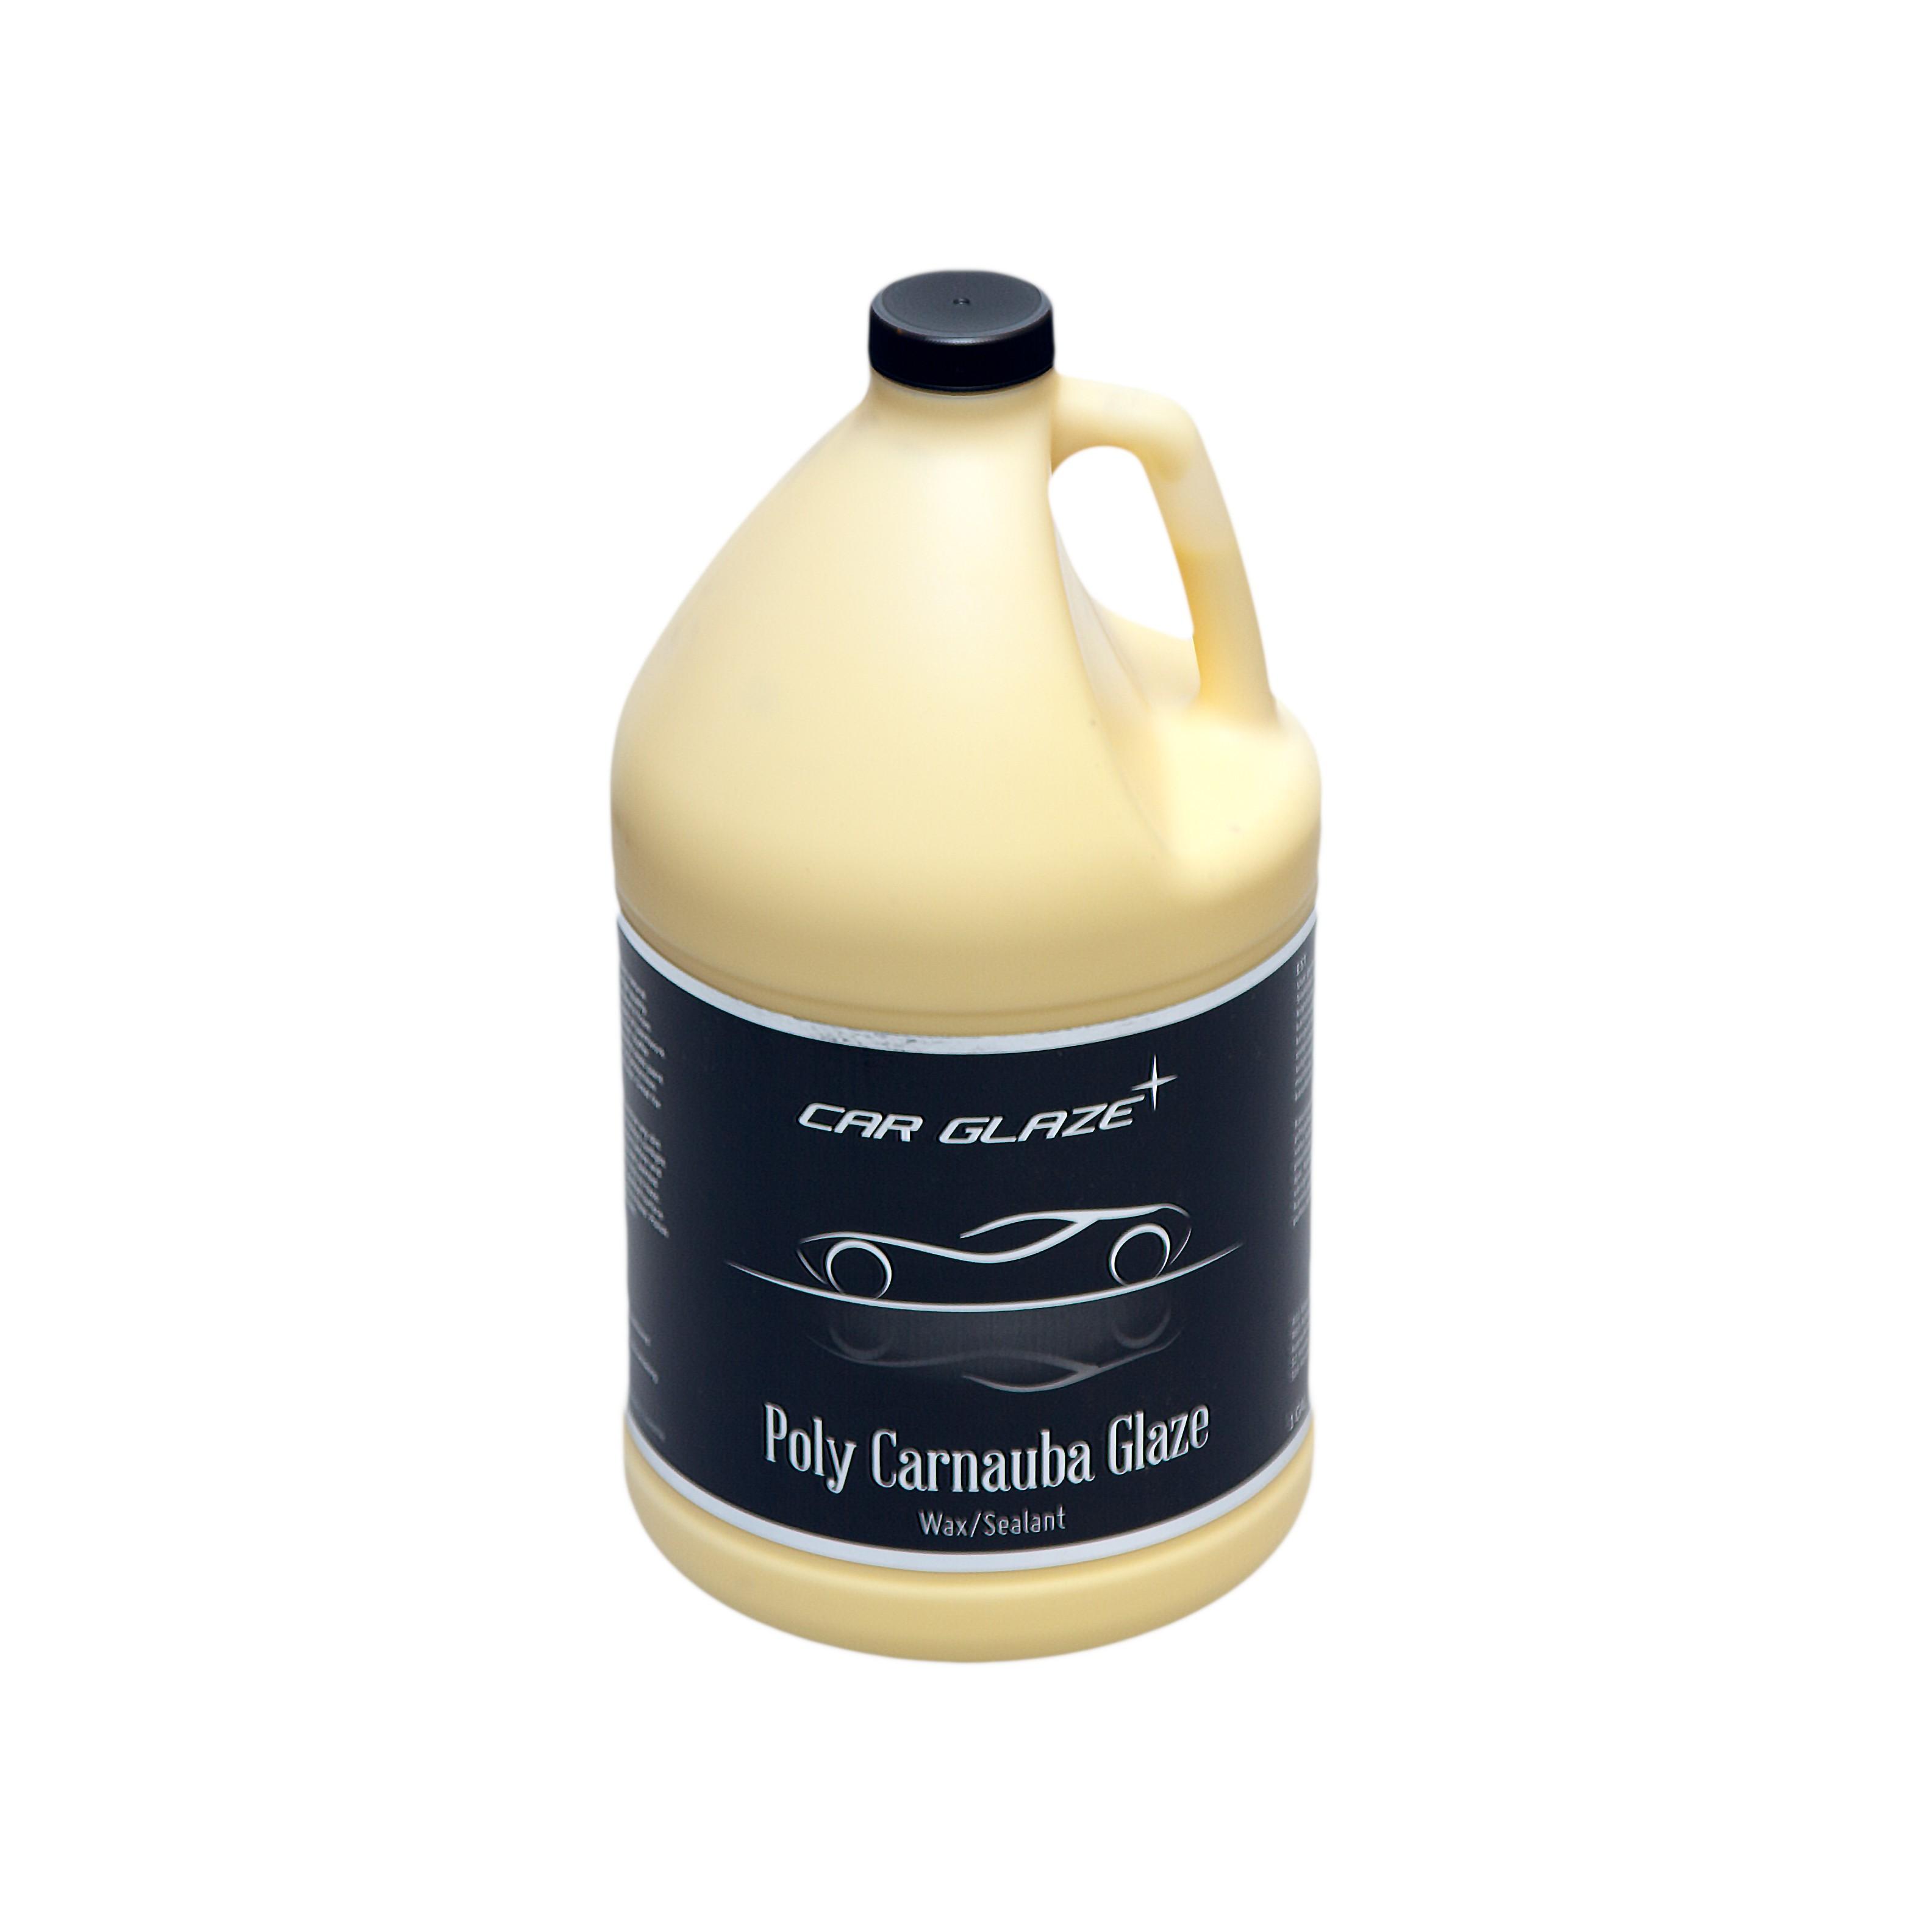 POLY CARNAUBA GLAZE - Car Glaze - polümeervaha ja karnaubavaha baasil püsivaha - kaitsevaha - pinnakaitse